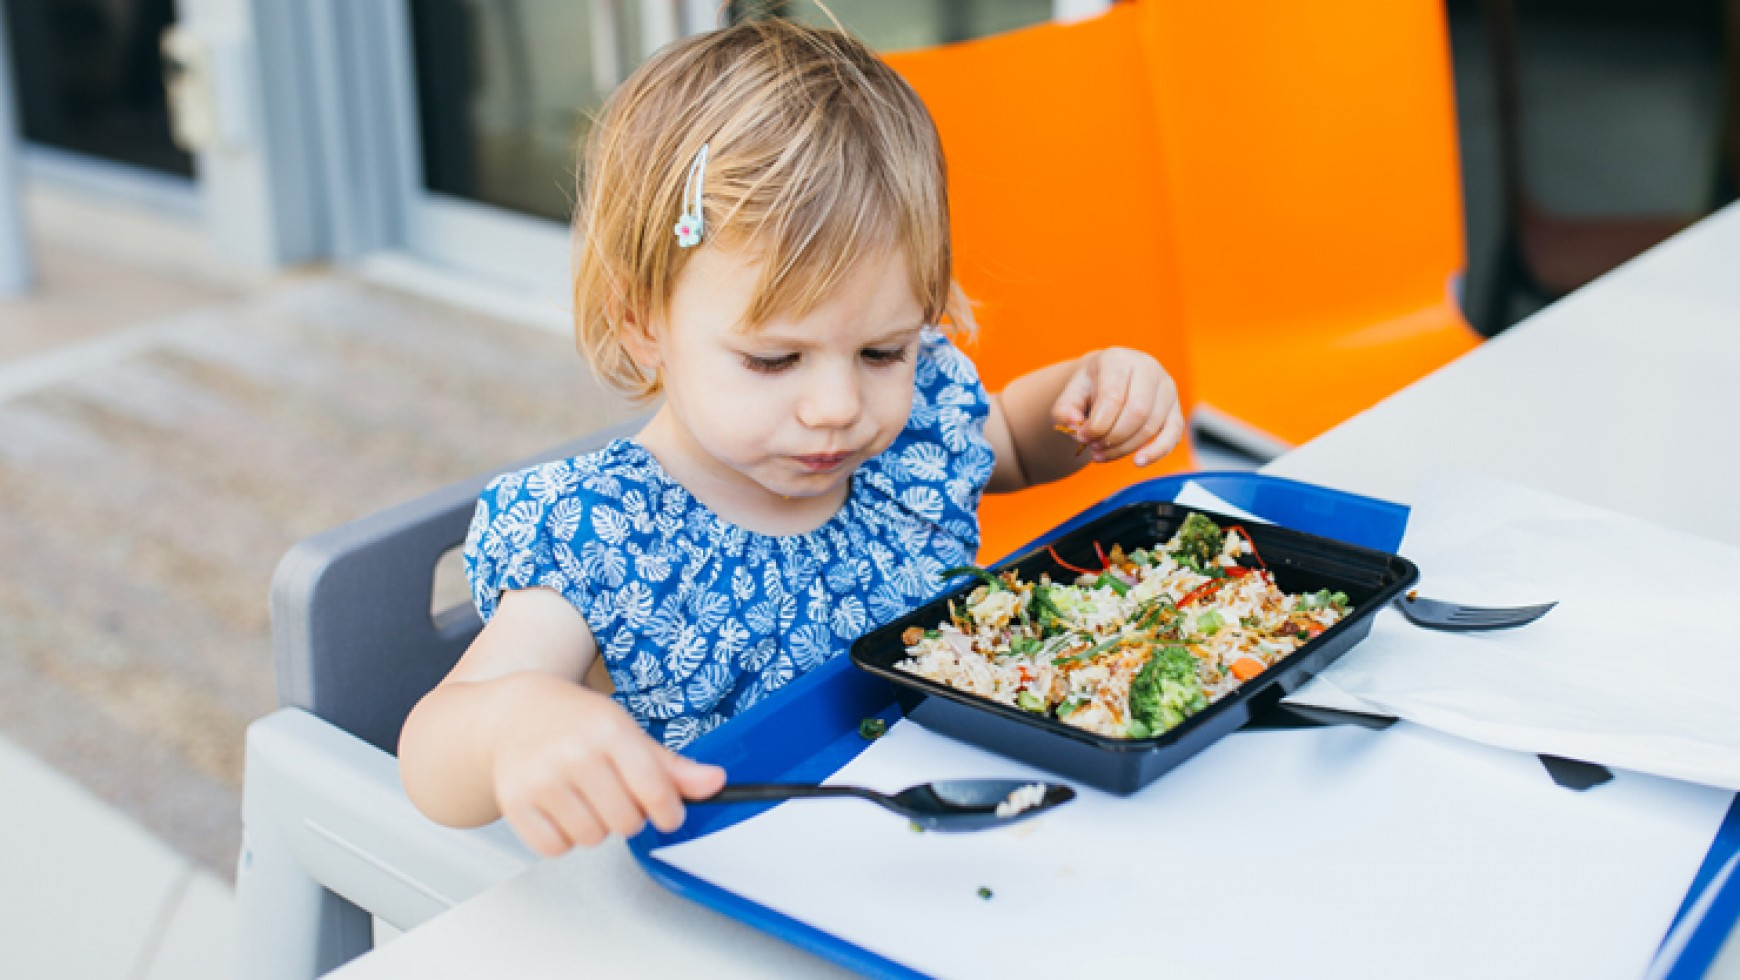 Tilda Enters Kids Food Arena, Food & Drink Innovation Network